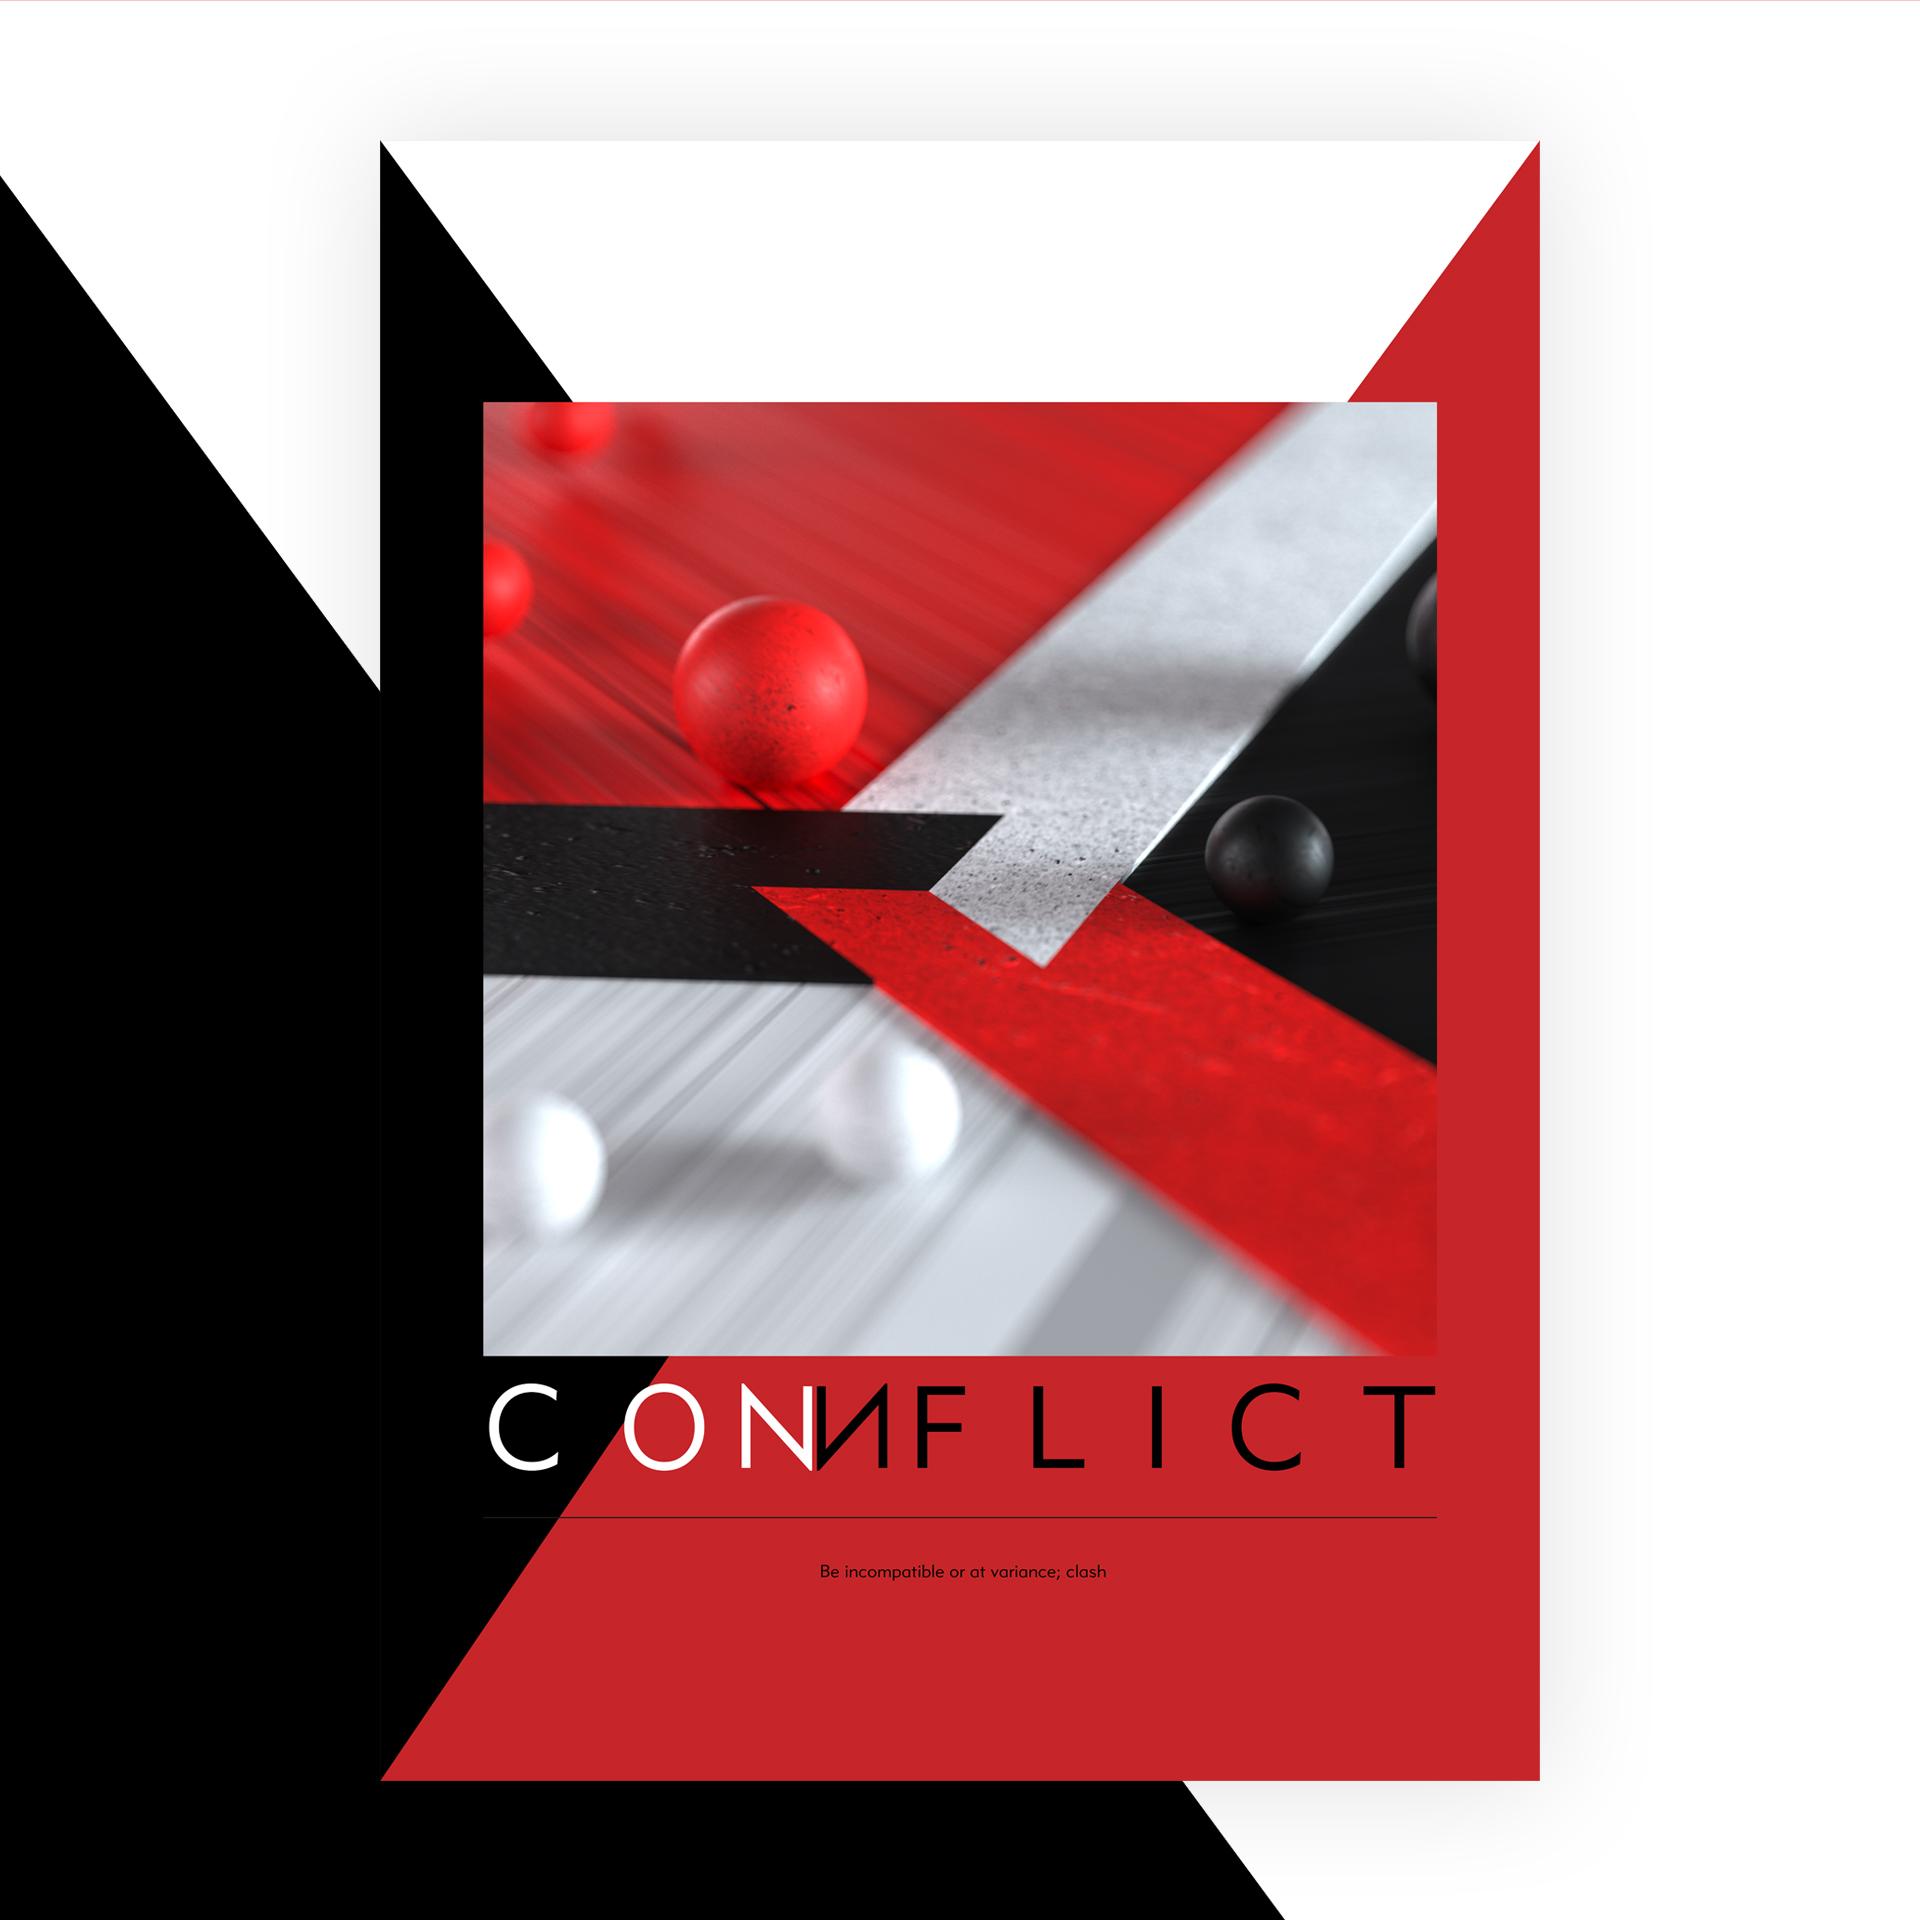 CONFLICT_SQUARE.jpg